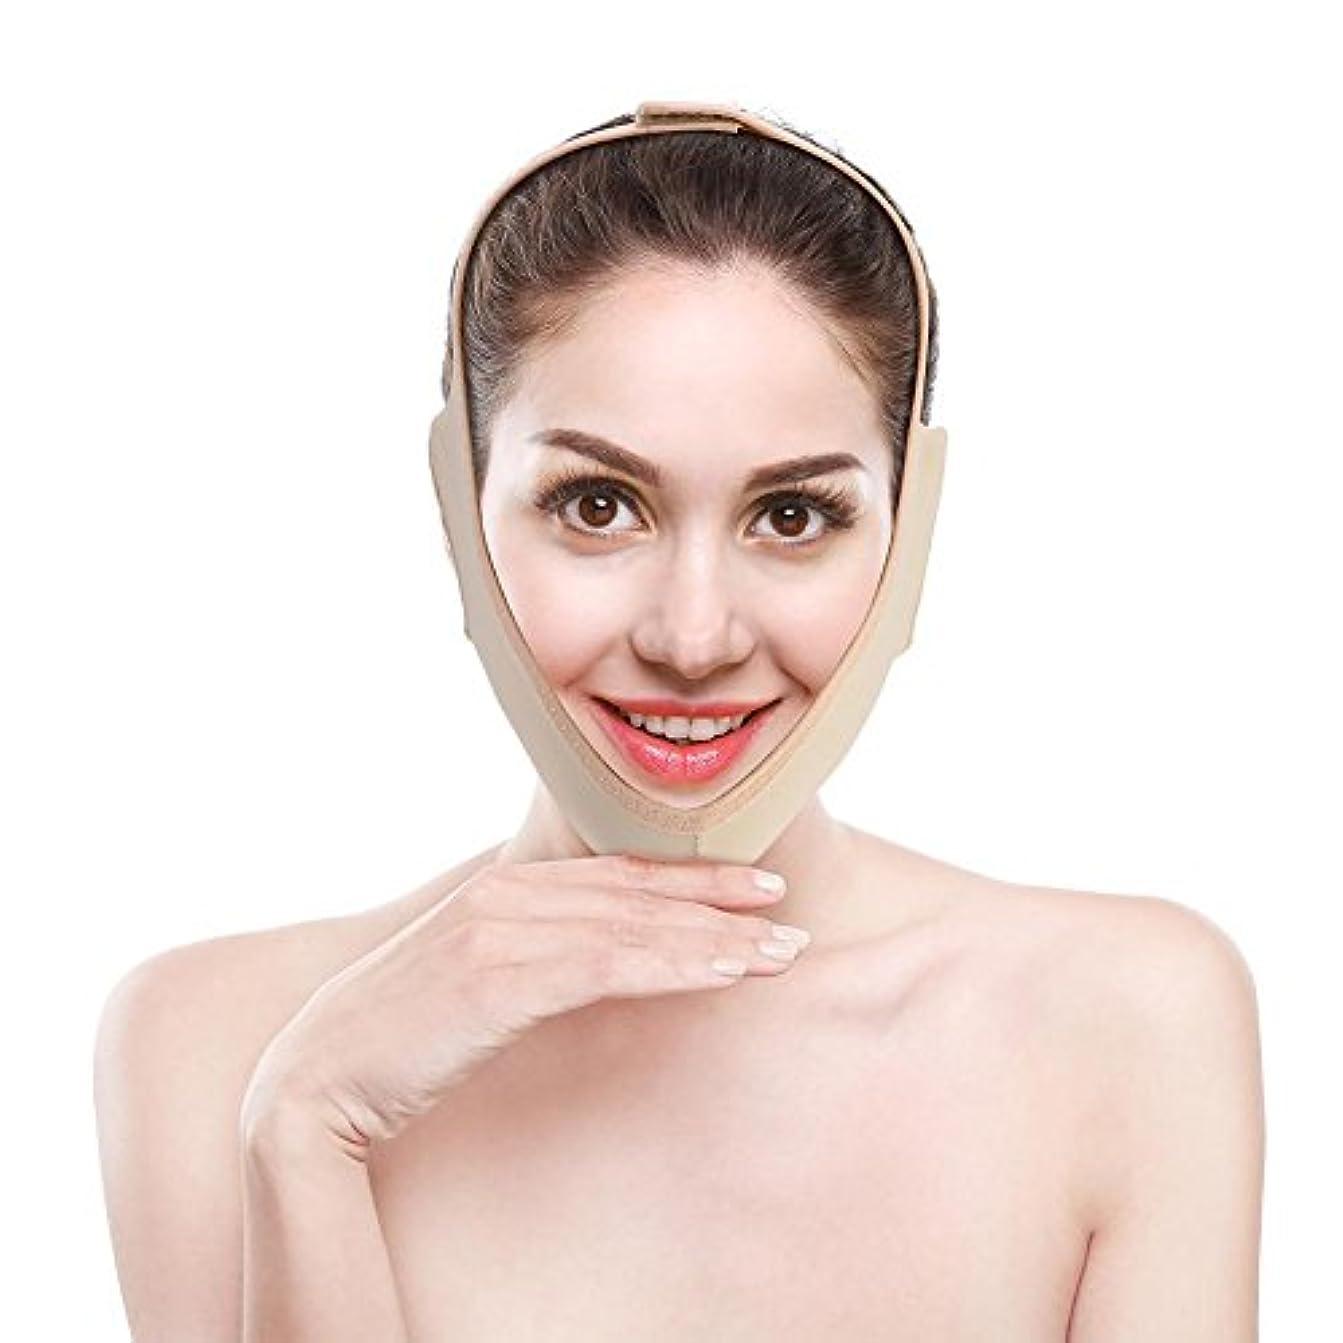 憂鬱な聴覚誇りに思う顔の輪郭を改善するVフェイス包帯、フェイスリフト用フェイスマスク、通気性/伸縮性/非変形性(M)